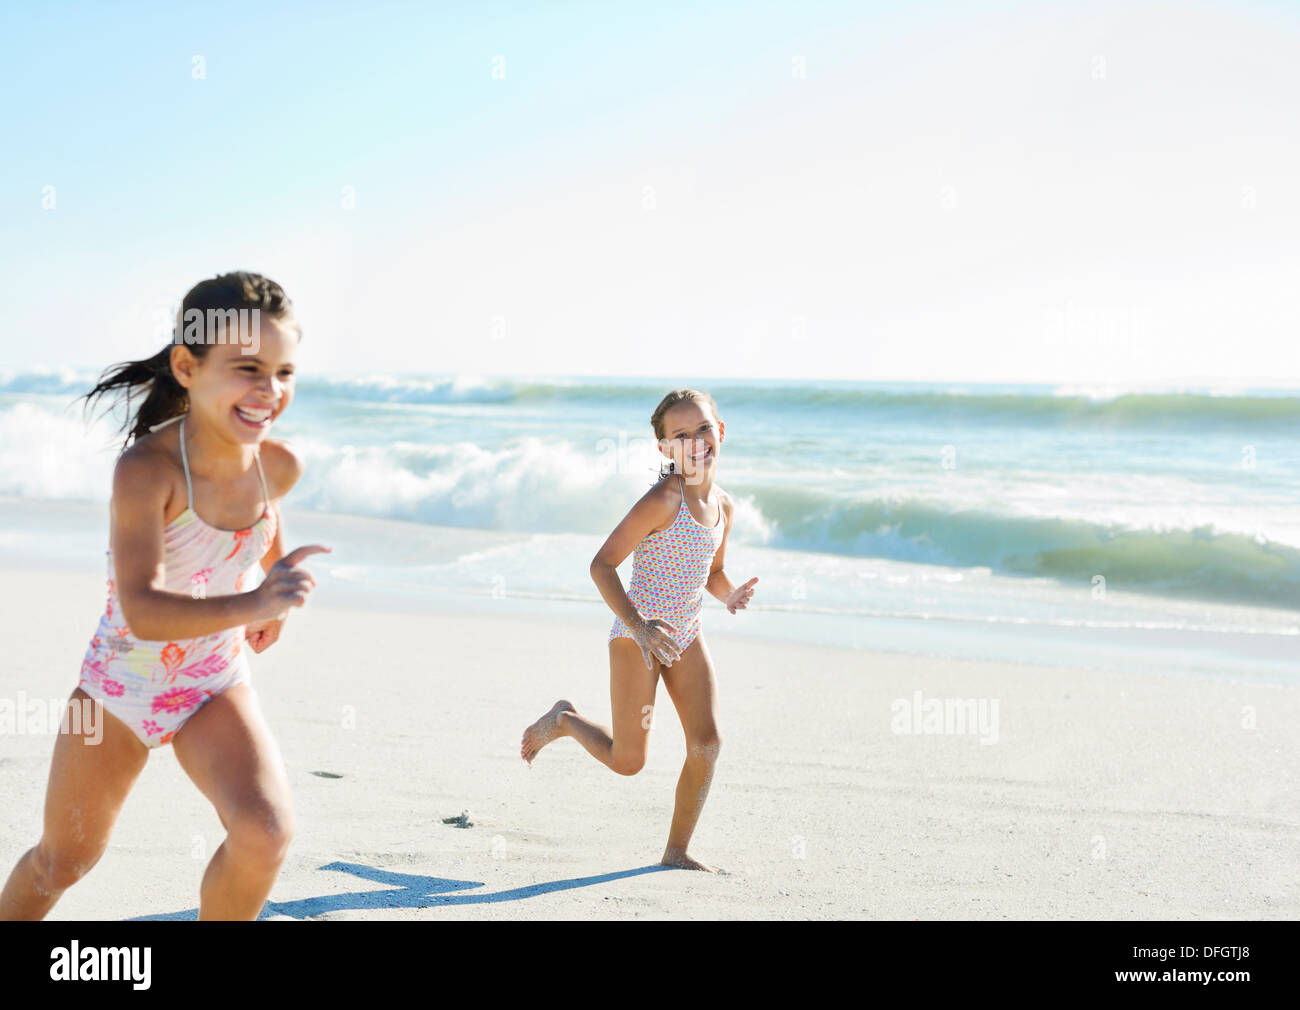 Girls running on beach - Stock Image